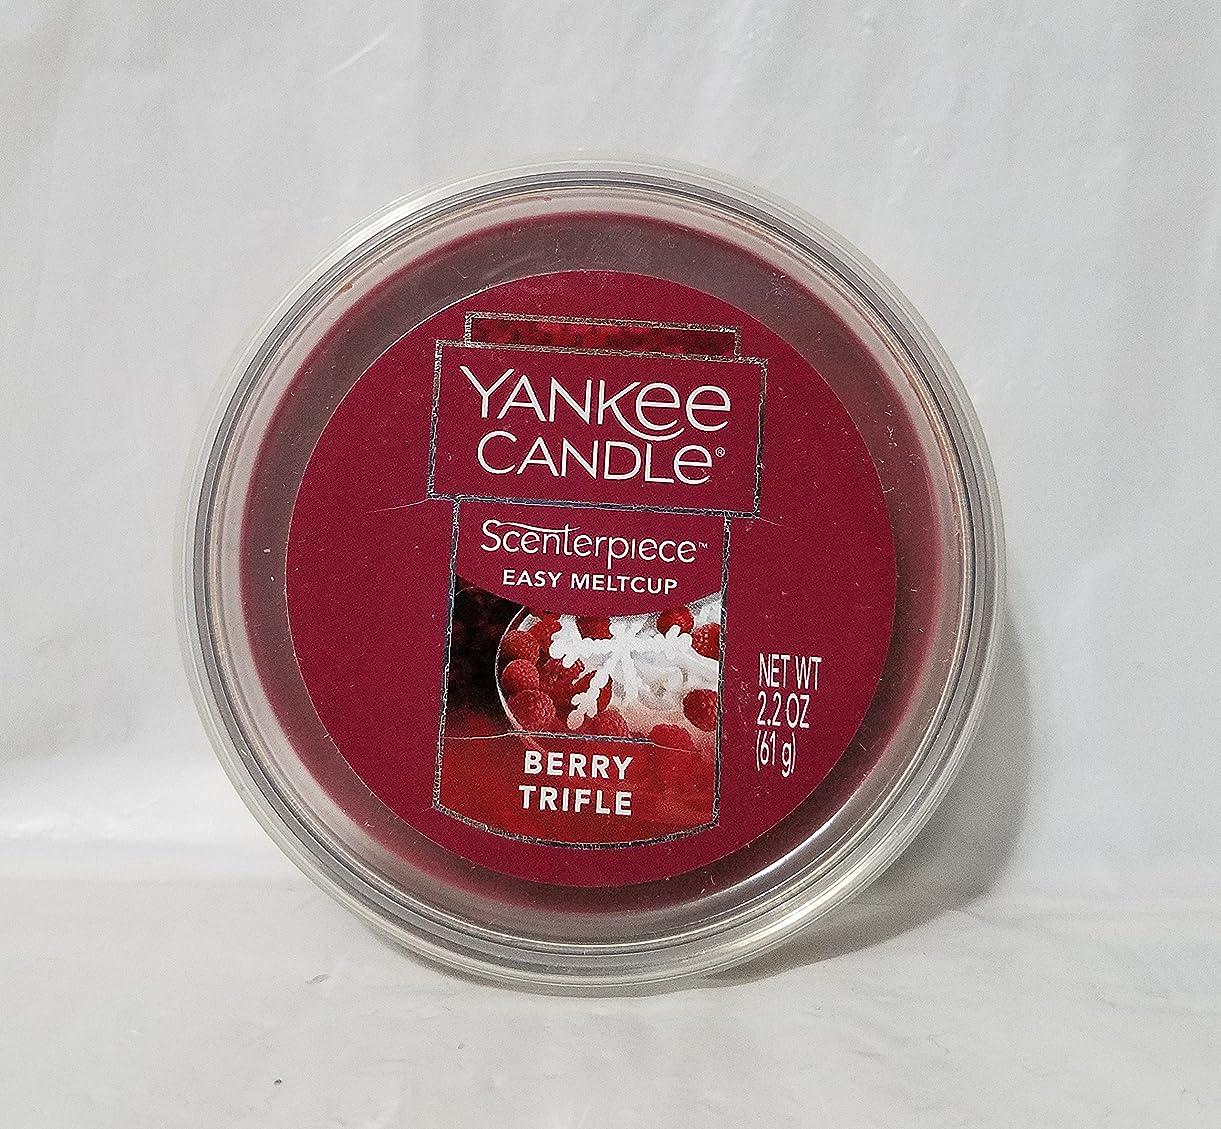 レジ巻き戻すお肉Yankee Candle Berry Trifle Scenterpiece Easy MeltCup、Festive香り